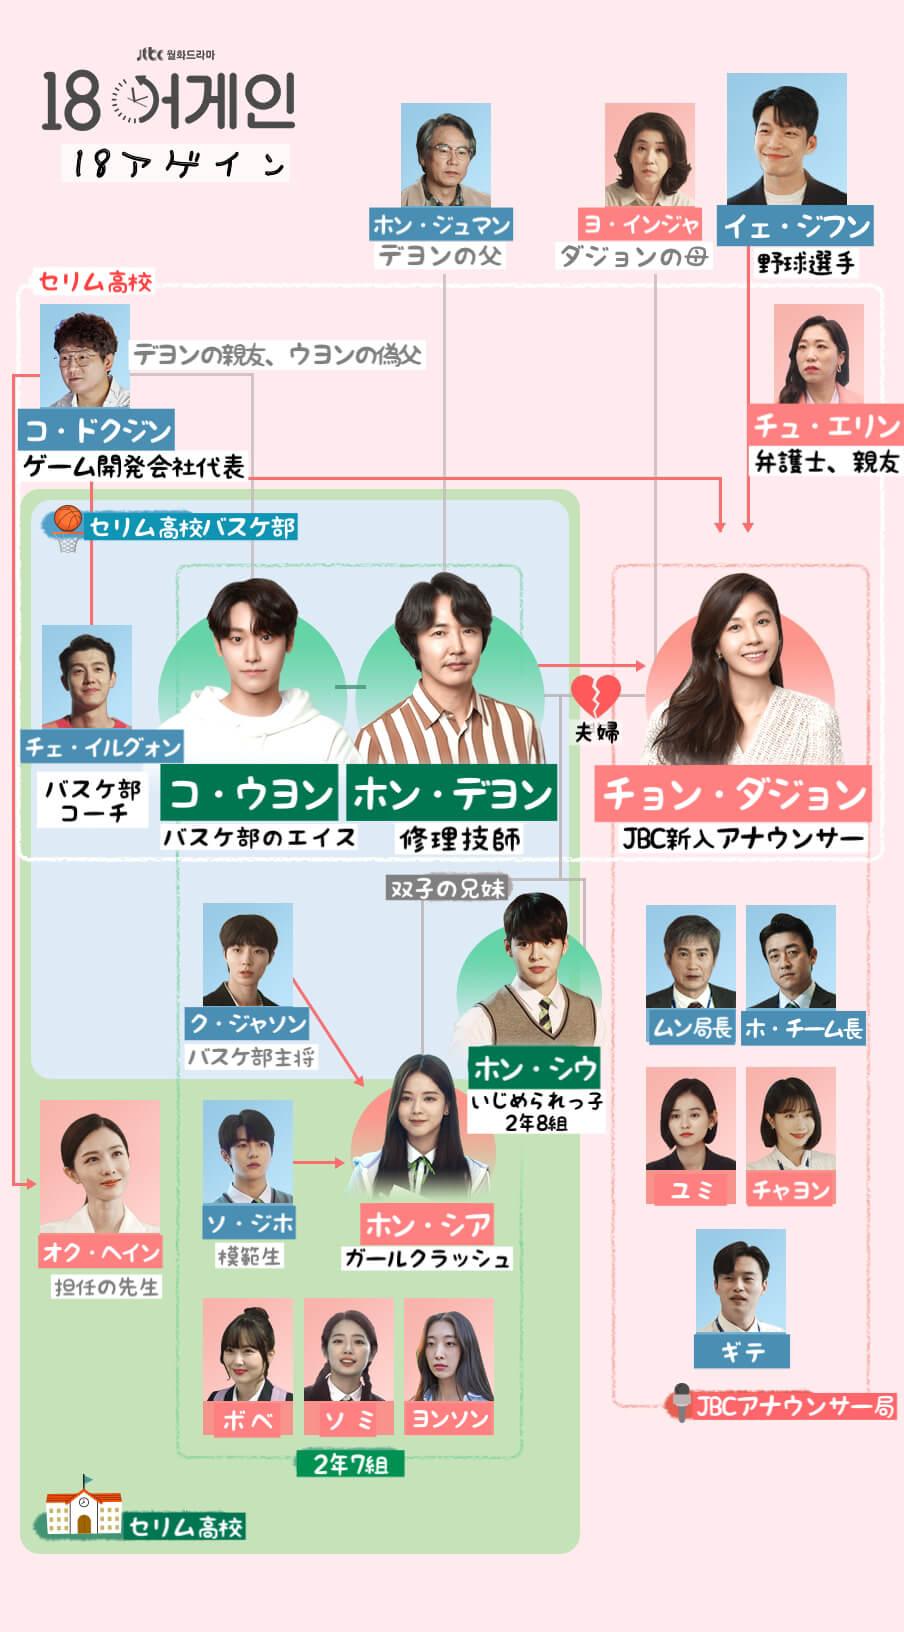 18アゲインの 日本語字幕の相関図